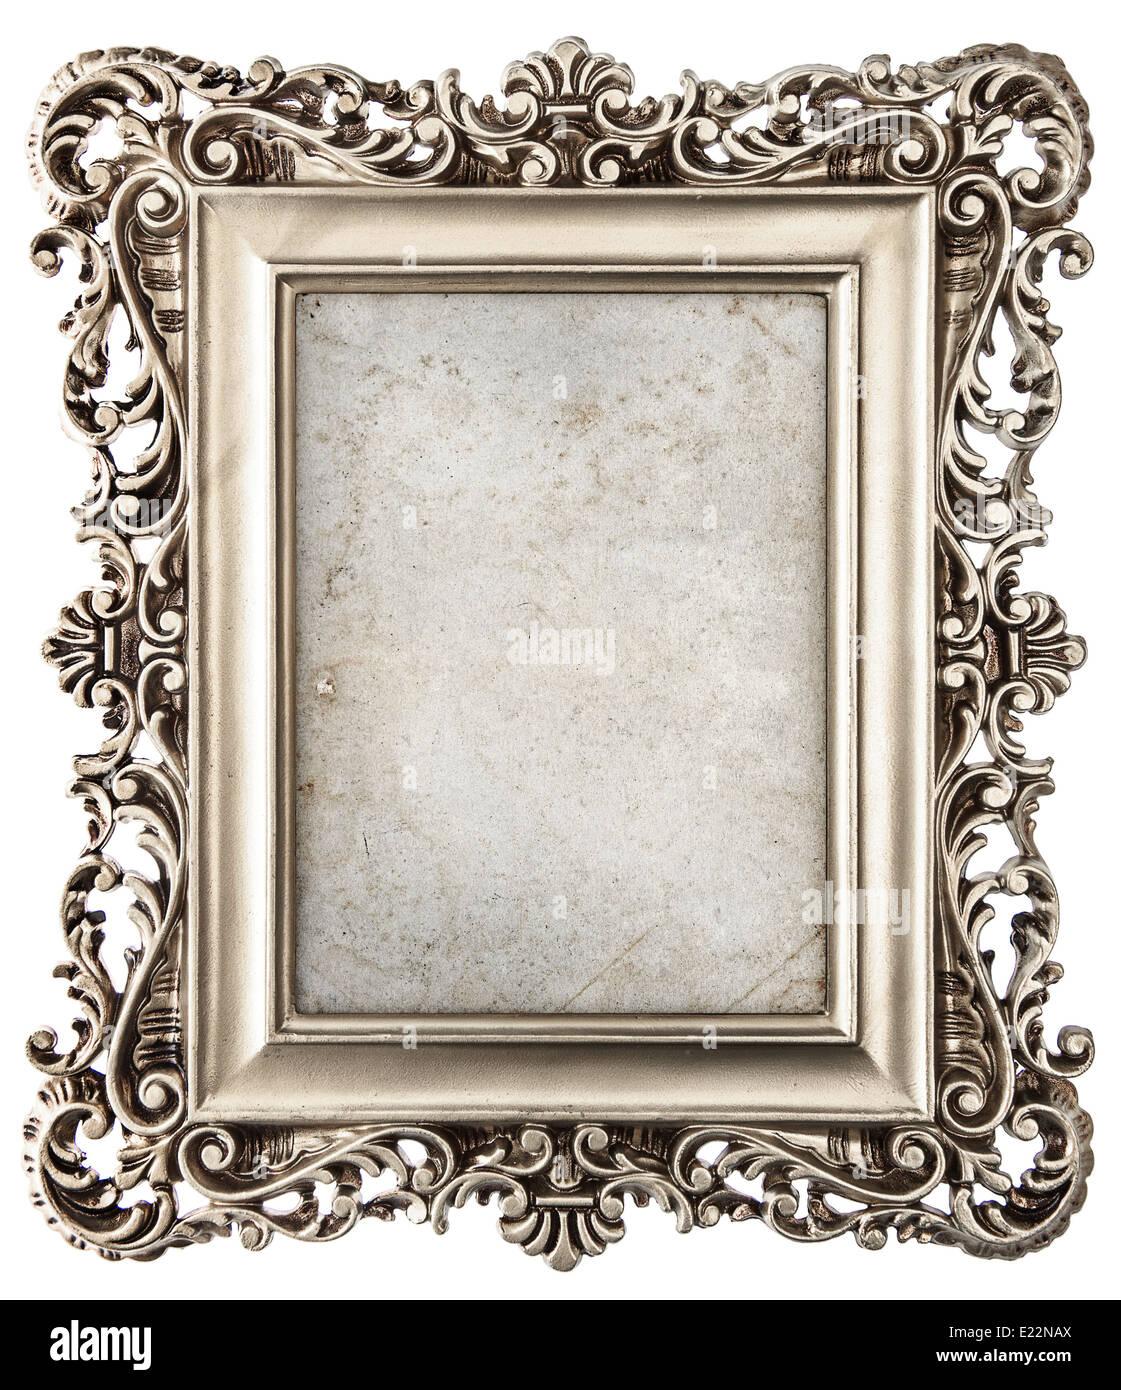 Marco de fotos de plata de estilo barroco aislado sobre fondo blanco ...